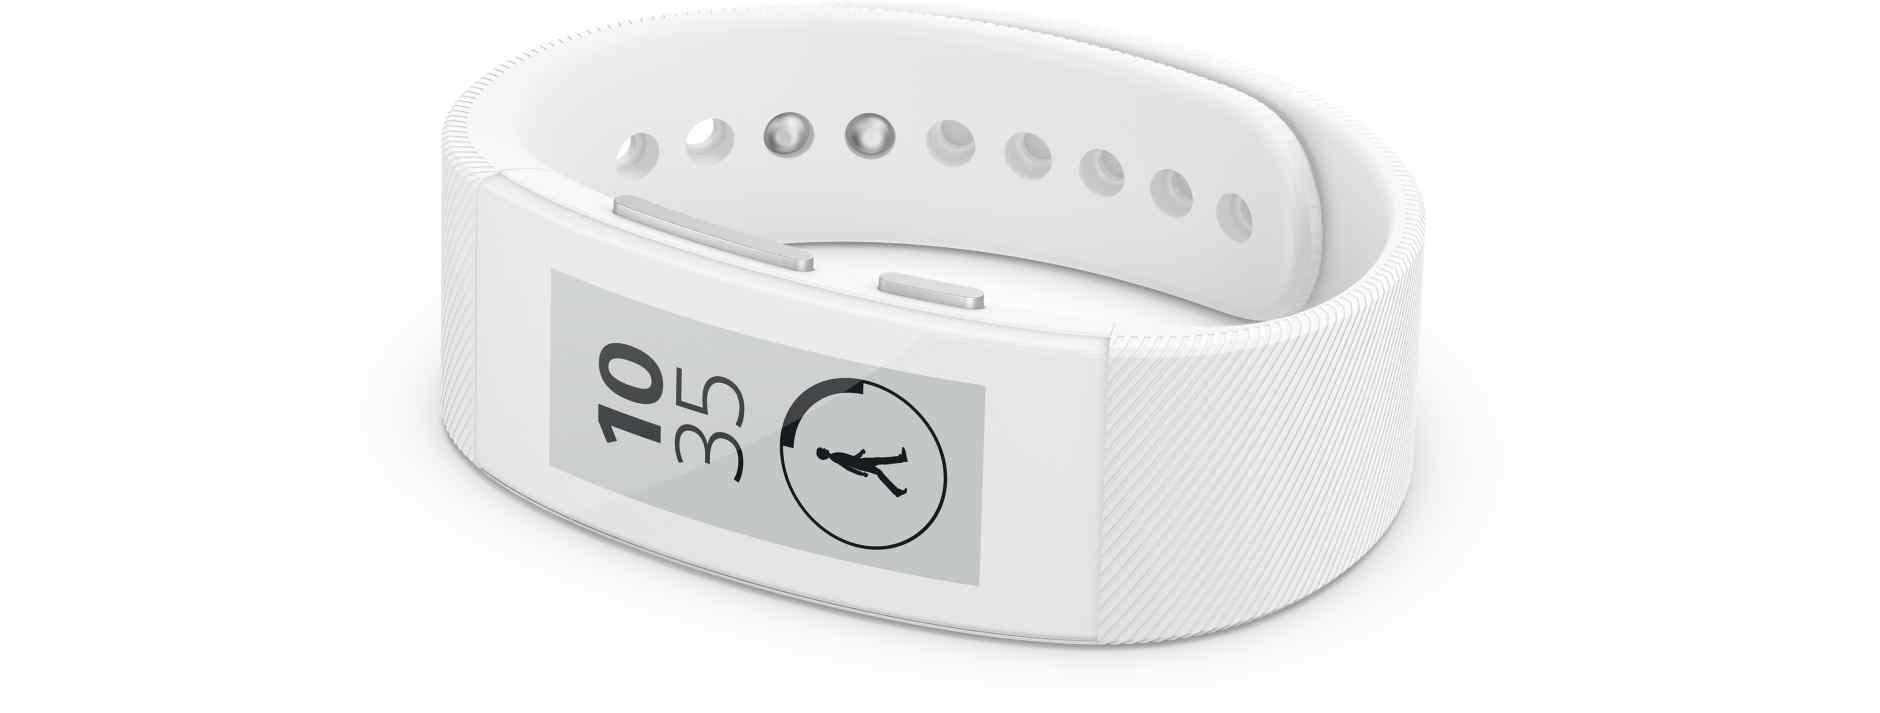 smartband-talk-swr30-display-35b420bdf7b6bbee8eb215ca7586a6ea-940x2.jpg